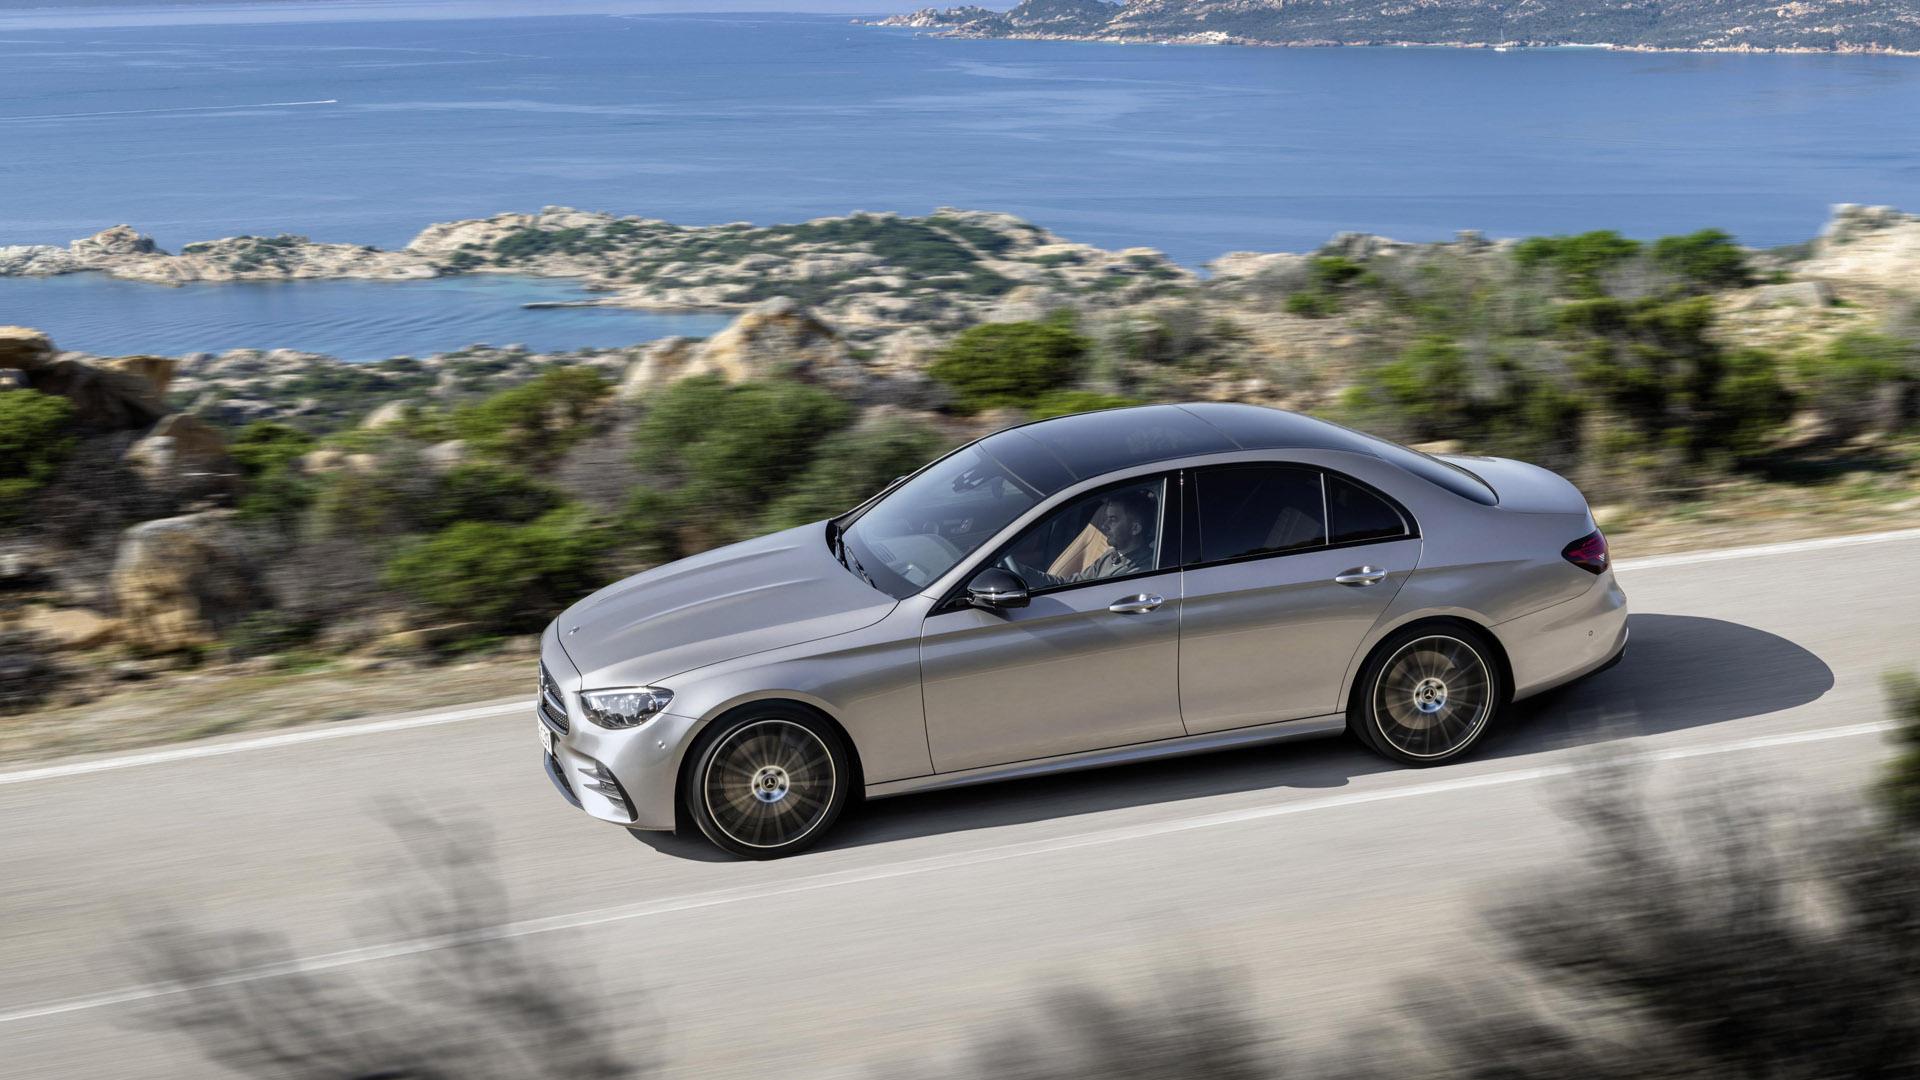 Mercedes-Benz E-Class Saloon Drive